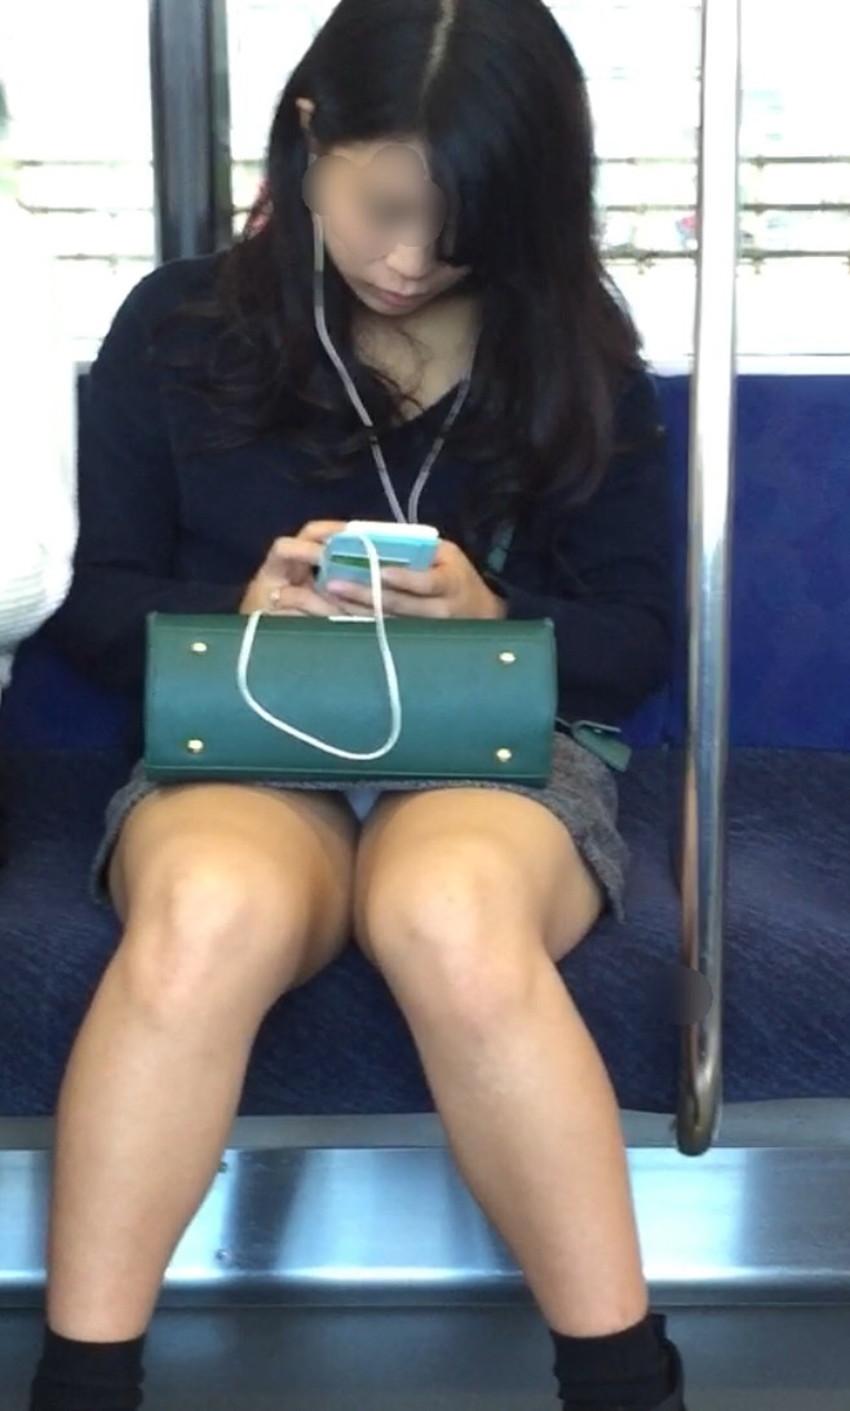 【電車内パンチラエロ画像】辛い満員電車の中のオアシス電車内パンチラ!スーツOLや制服JKのデルタゾーンからパンティー見えてる電車内パンチラのエロ画像集!【80枚】 19